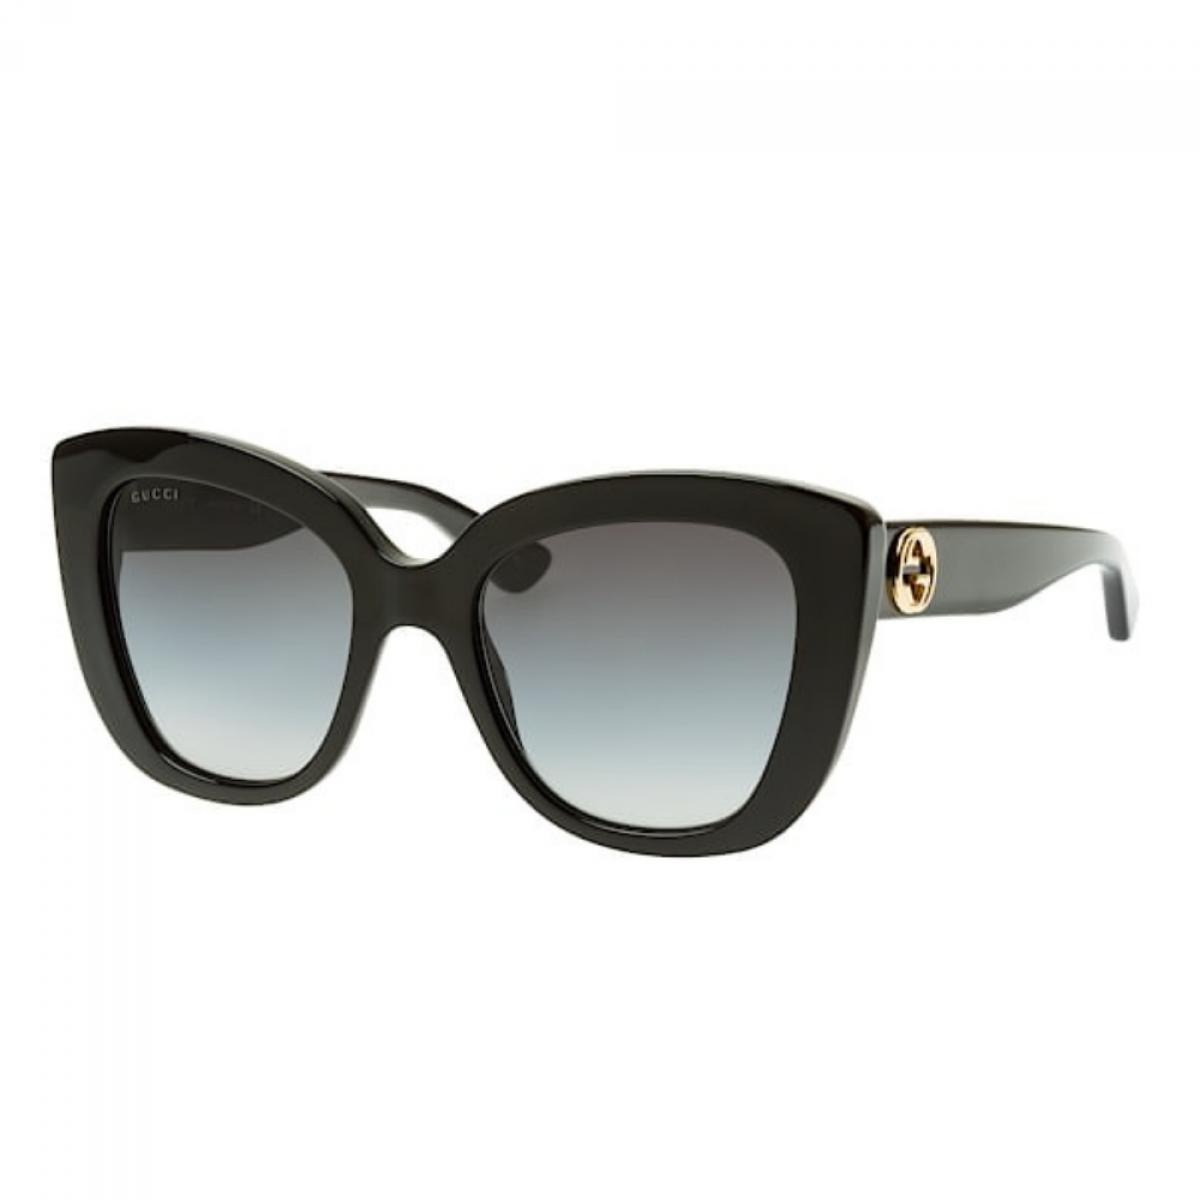 Gucci 0327S 001 52, 167,99€, Occhiali Gucci Nero a forma Farfalla